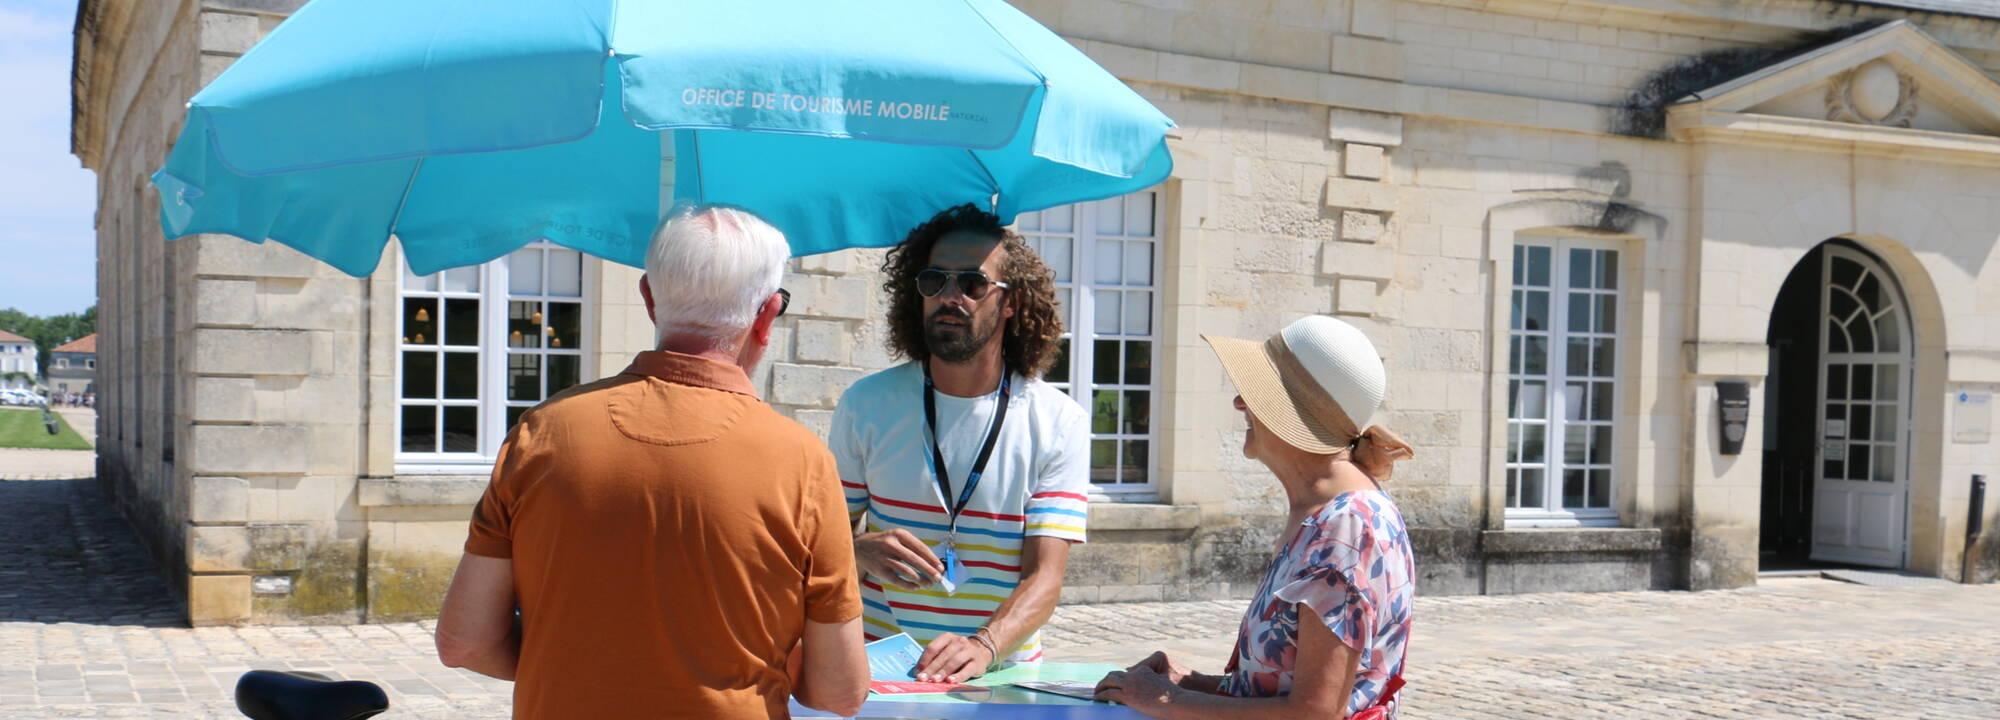 Accueil mobile office de tourisme de rochefort oc an vacances rochefort fouras le d aix - Rochefort office de tourisme ...